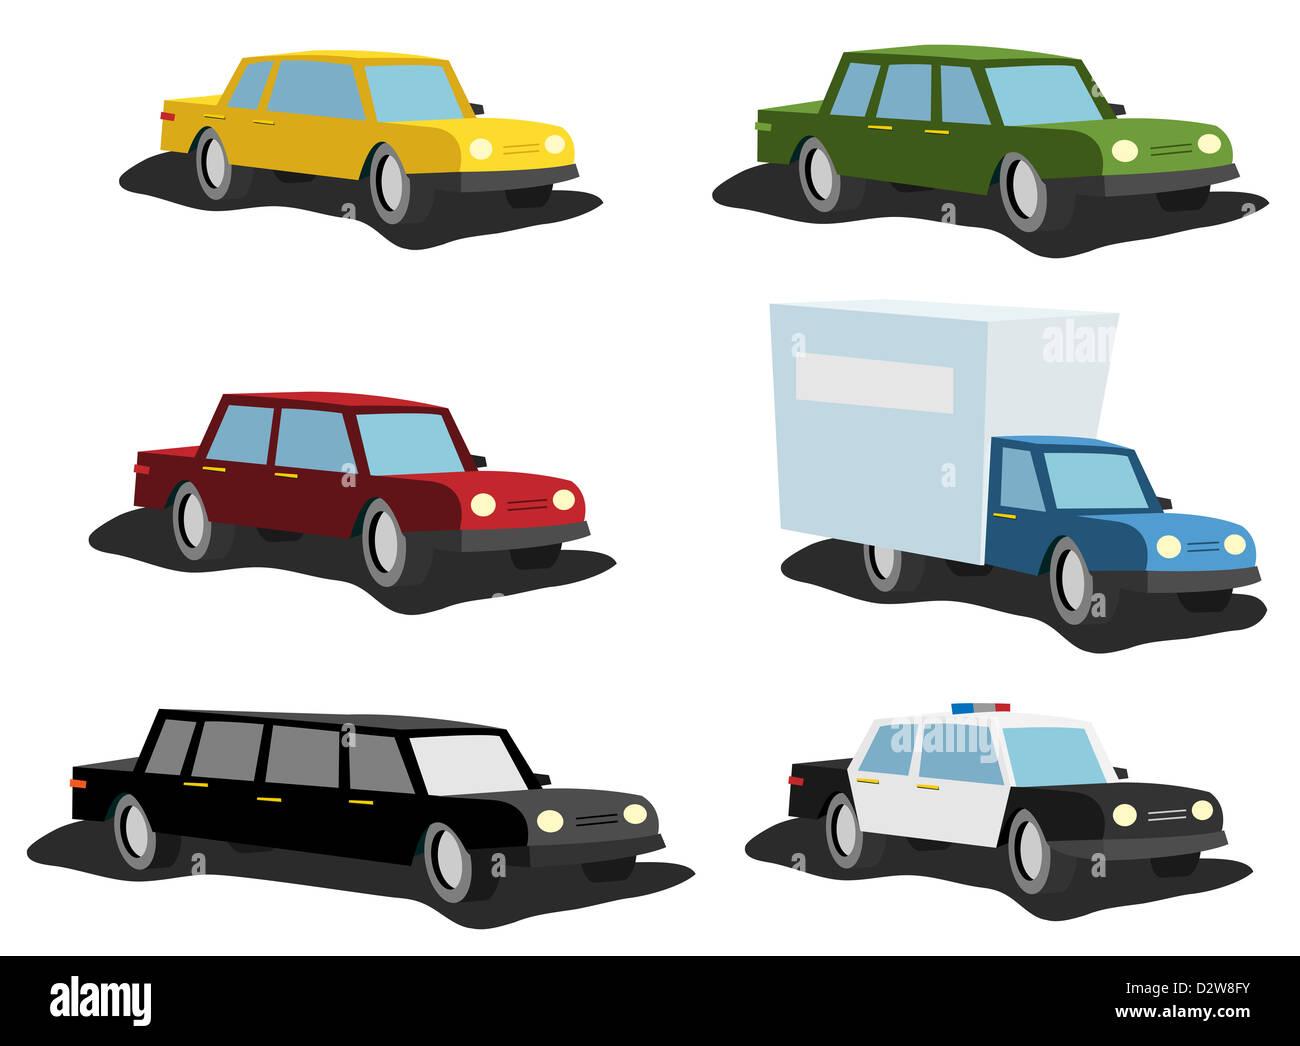 ilustração conjunto de desenhos animados de carros a partir de